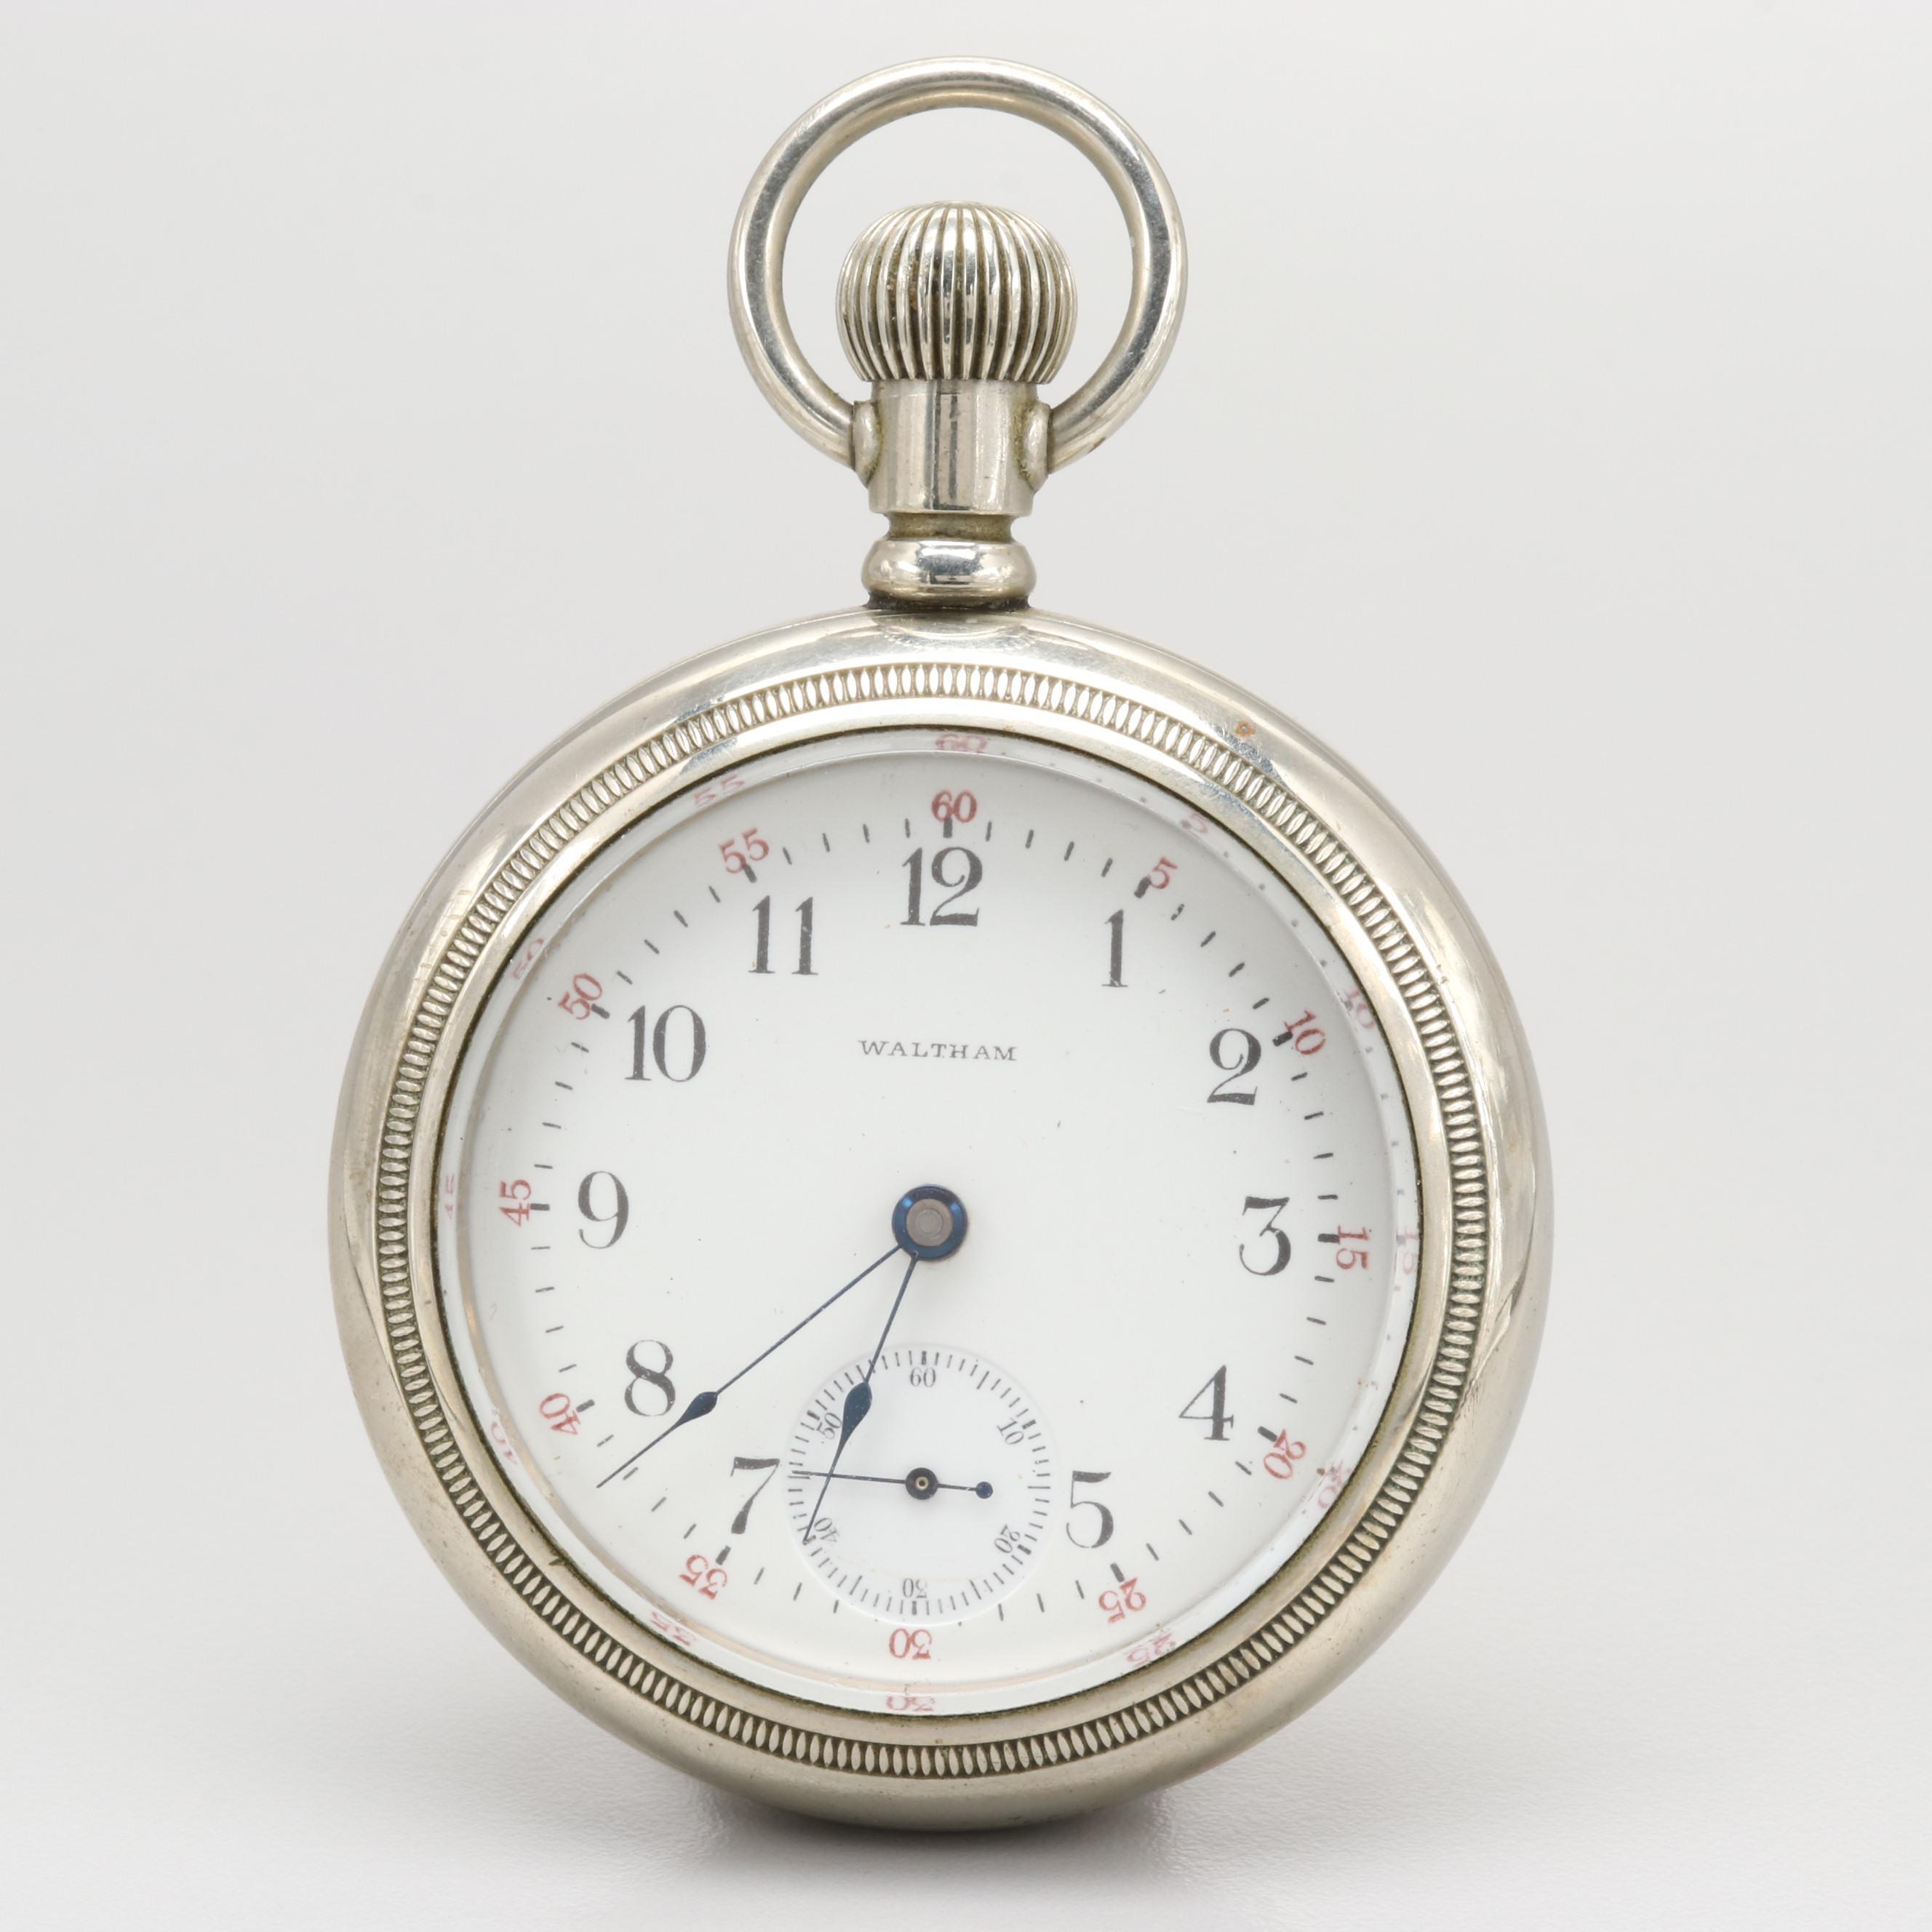 Waltham Nickel Open Face Pocket Watch, 1903